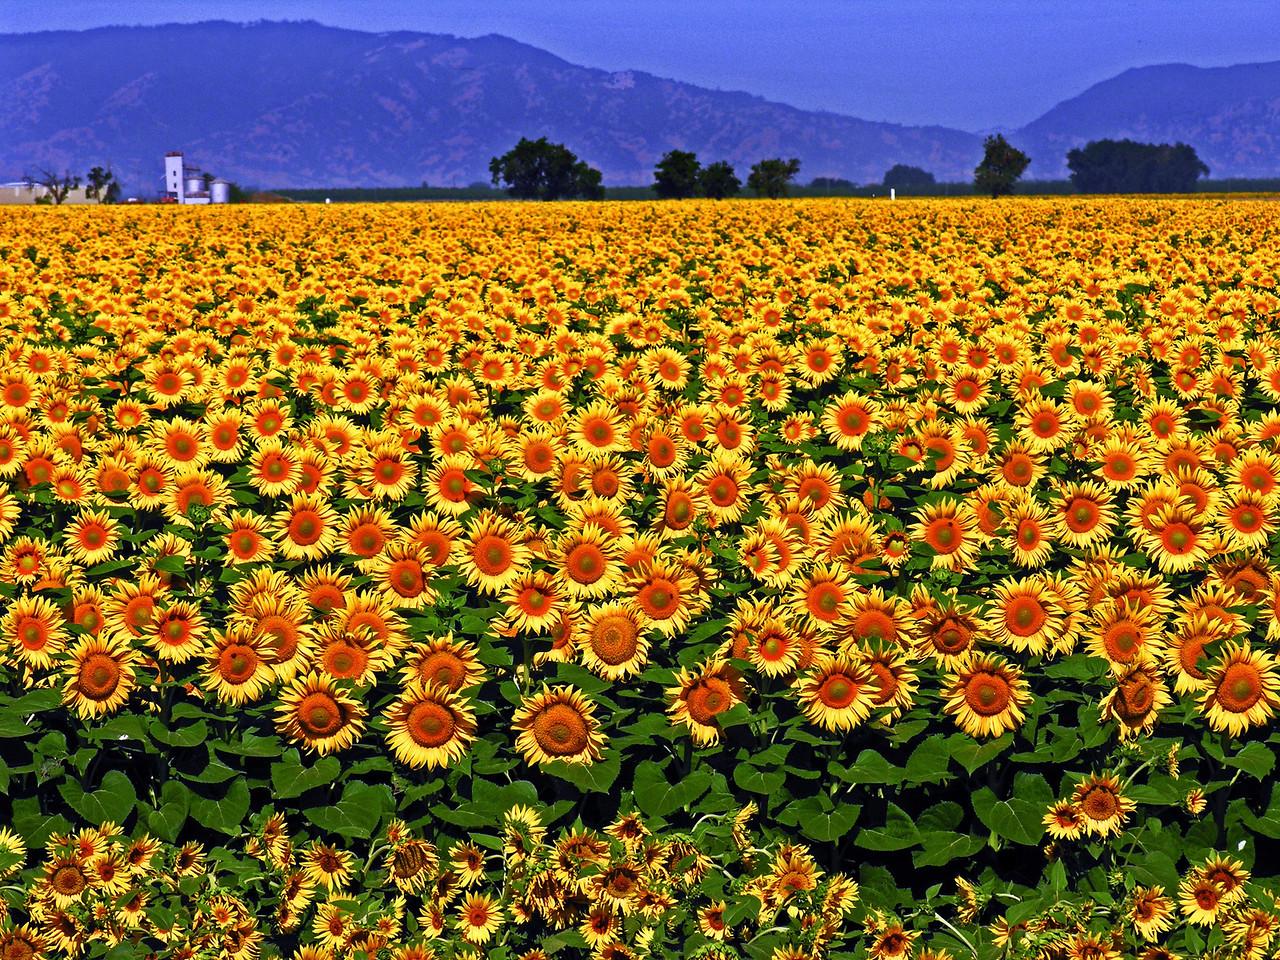 Sunflower Sea - Davis, CA